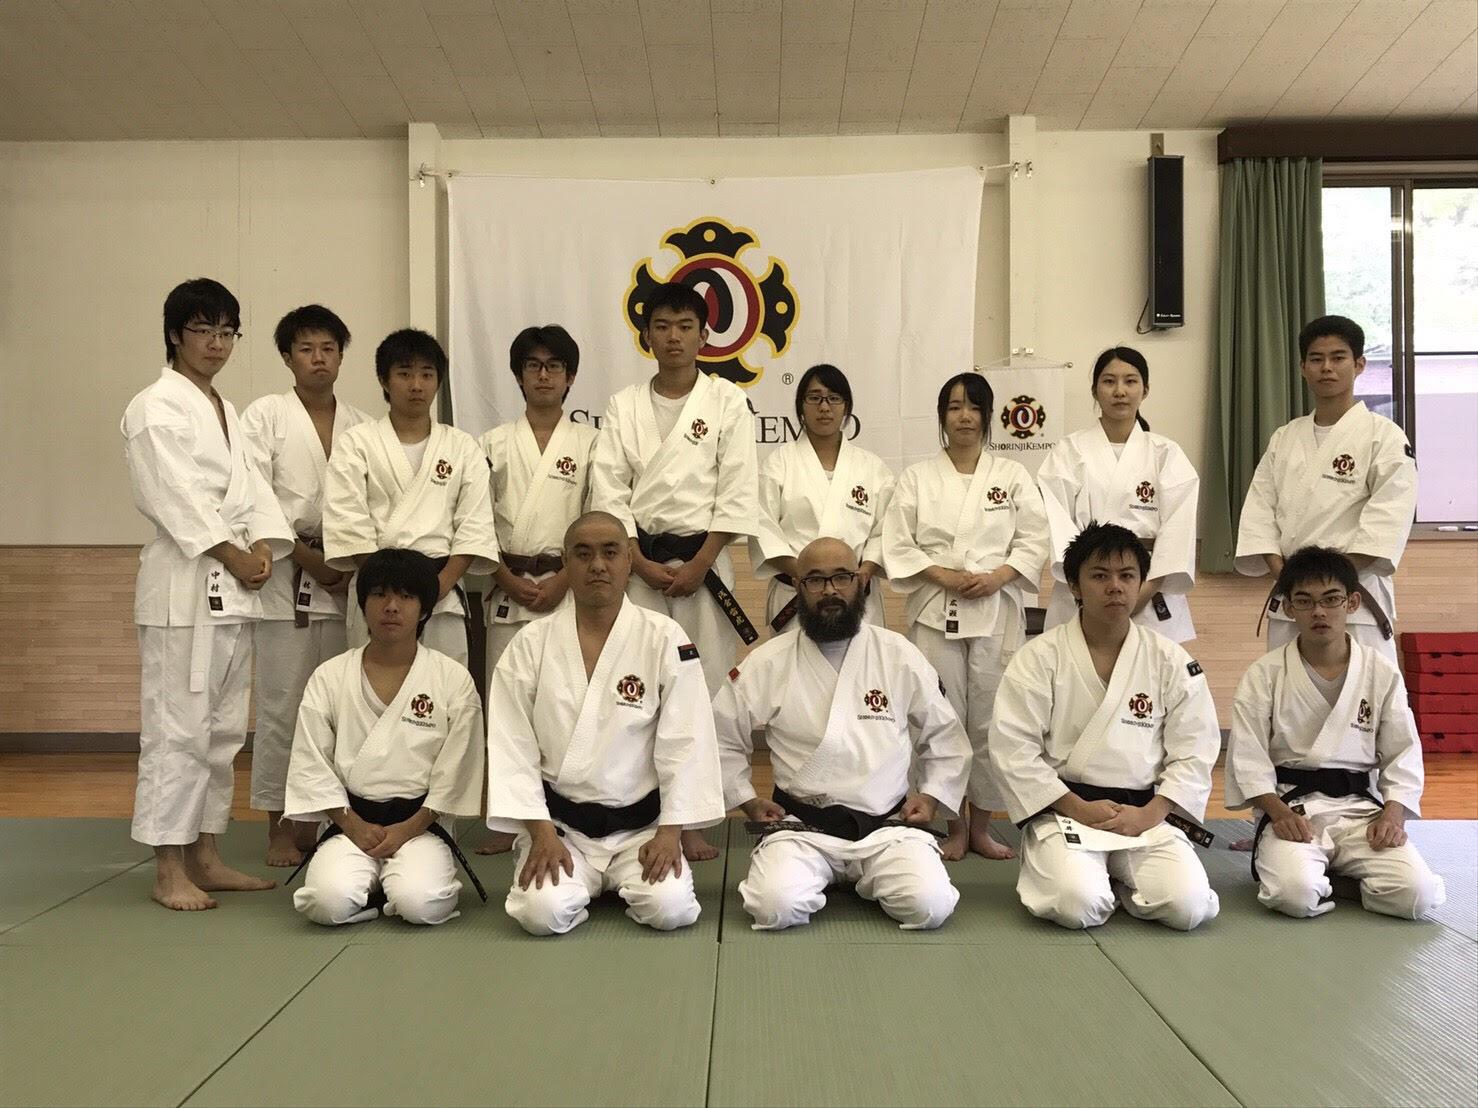 21-3-02少林寺拳法部(写真).png